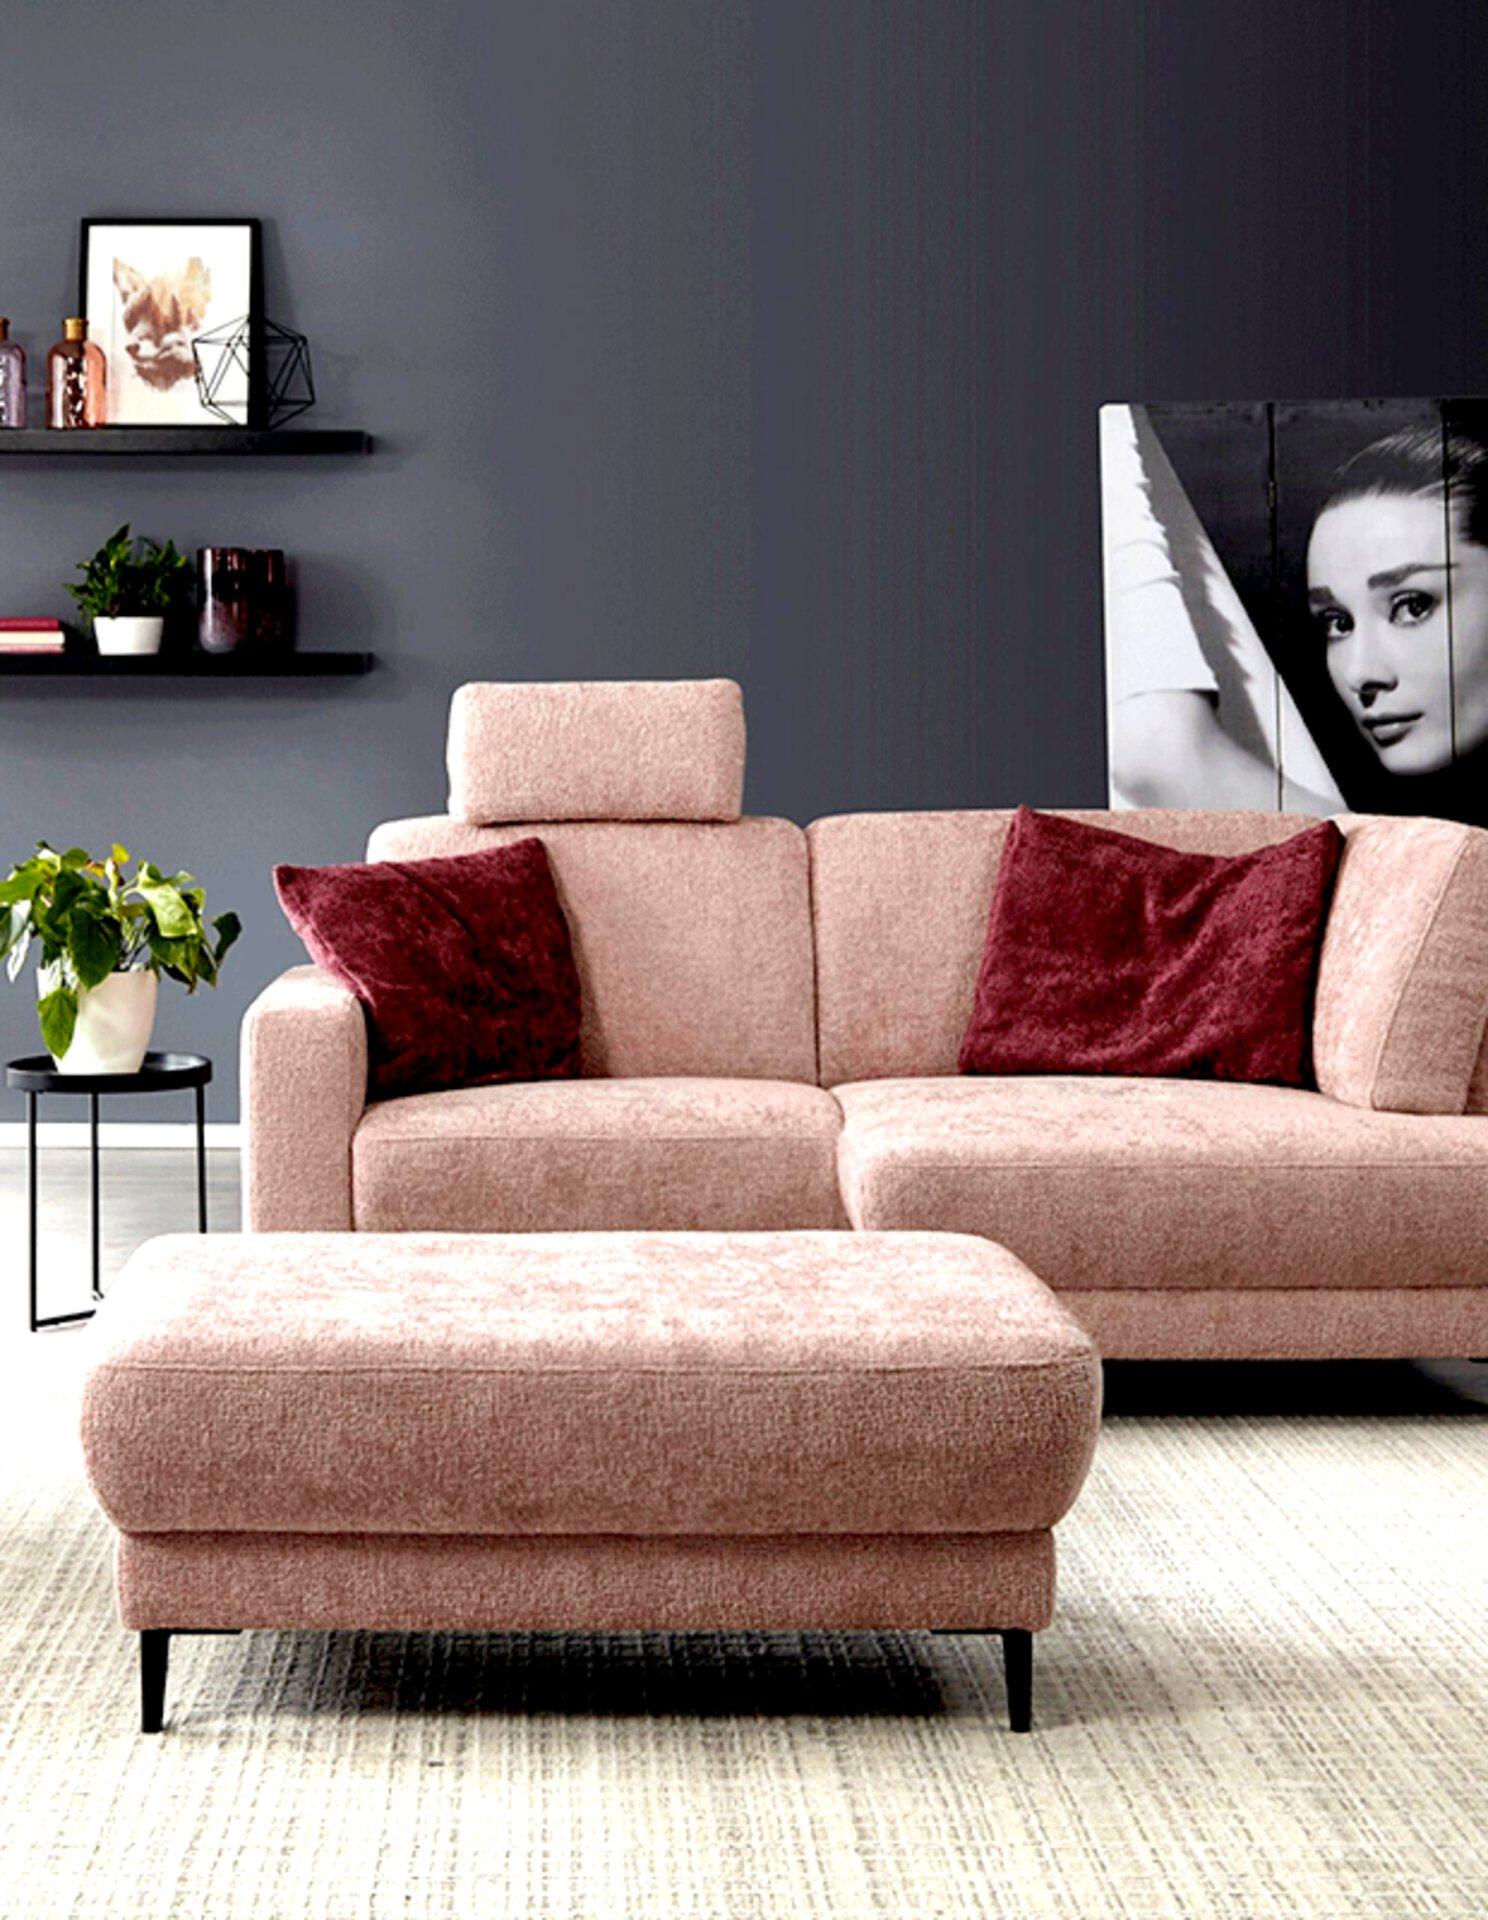 Sofa in pastelligem Rosa